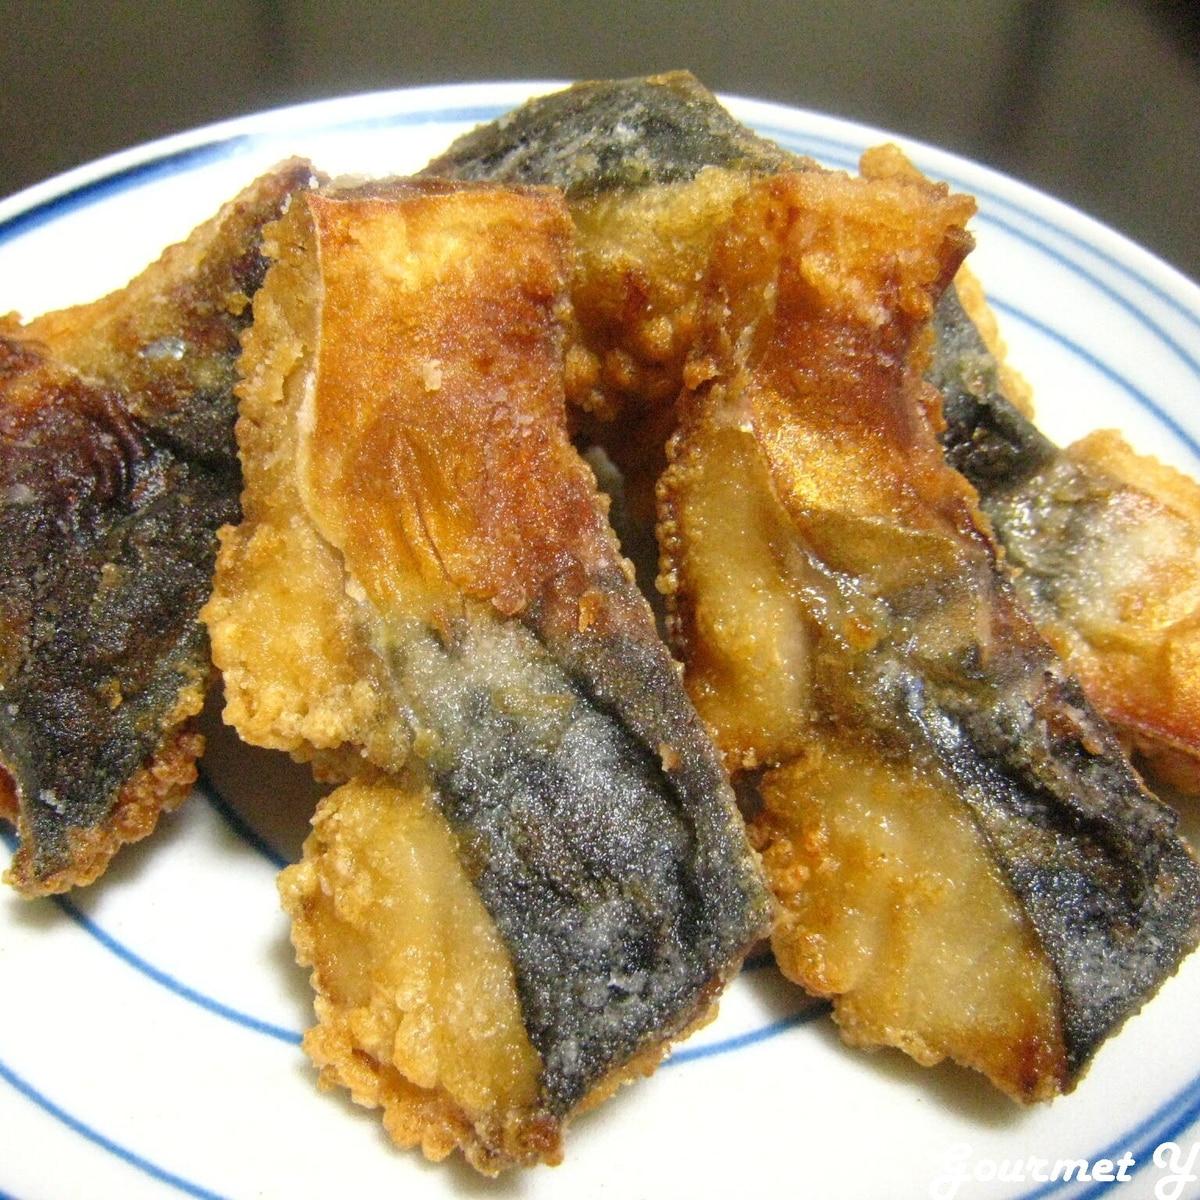 鯖 の 竜田 揚げ の 作り方